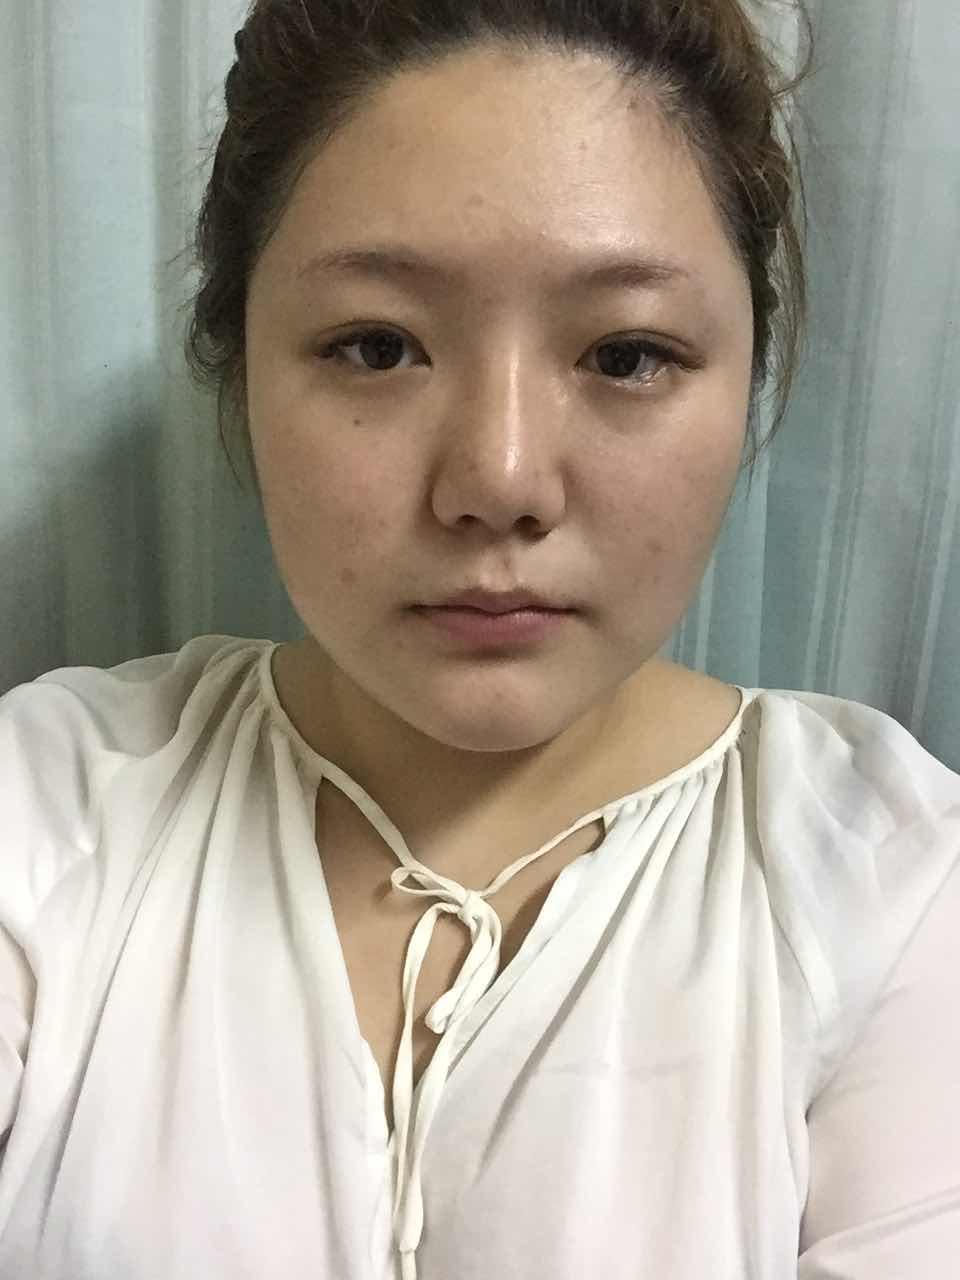 面部吸脂能幫我擺脫討厭的雙下巴嗎?覺得不美膩,之前做了鼻子和眼睛,馬上要做臉部抽脂和額頭填充。大家有神馬意見來來來